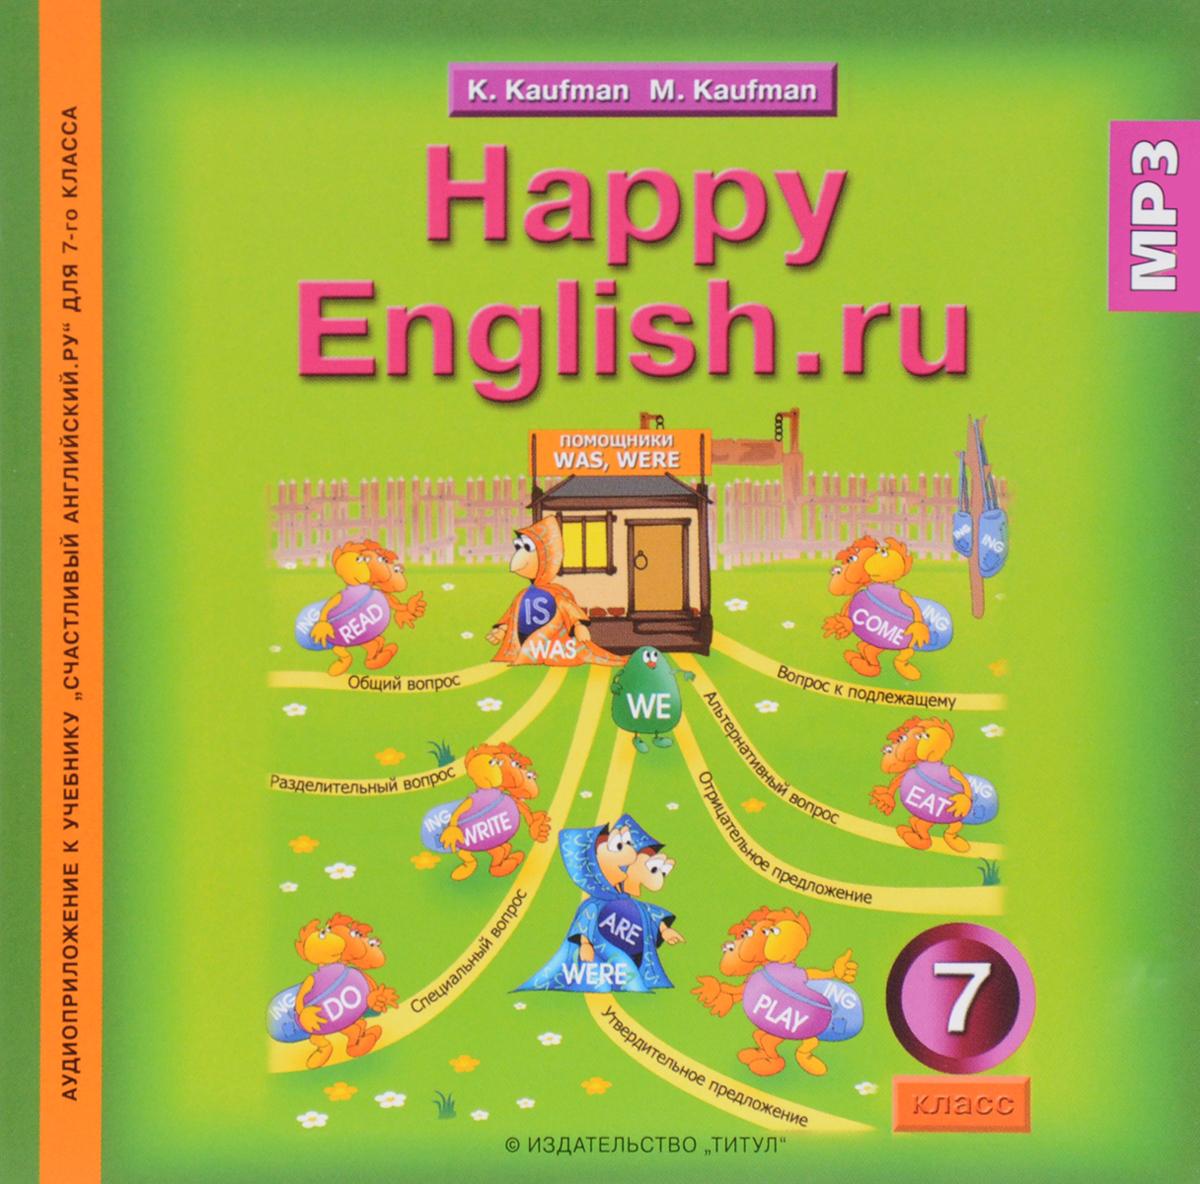 Happy English.ru 7 / Английский язык. 7 класс (аудиокурс MP3) стоимость